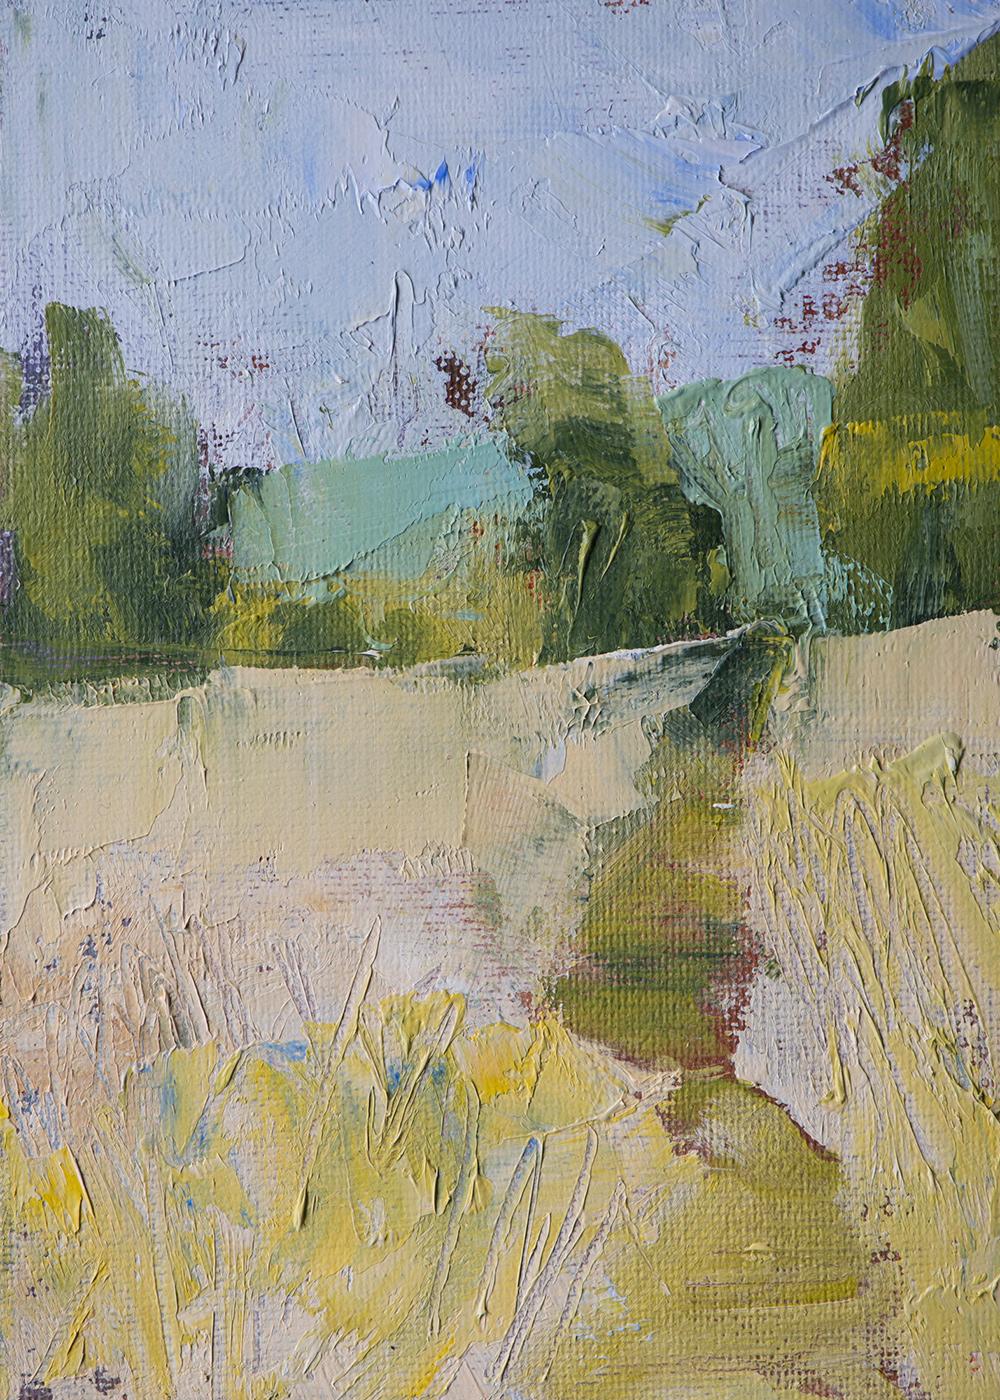 #23 5x7 oil paint